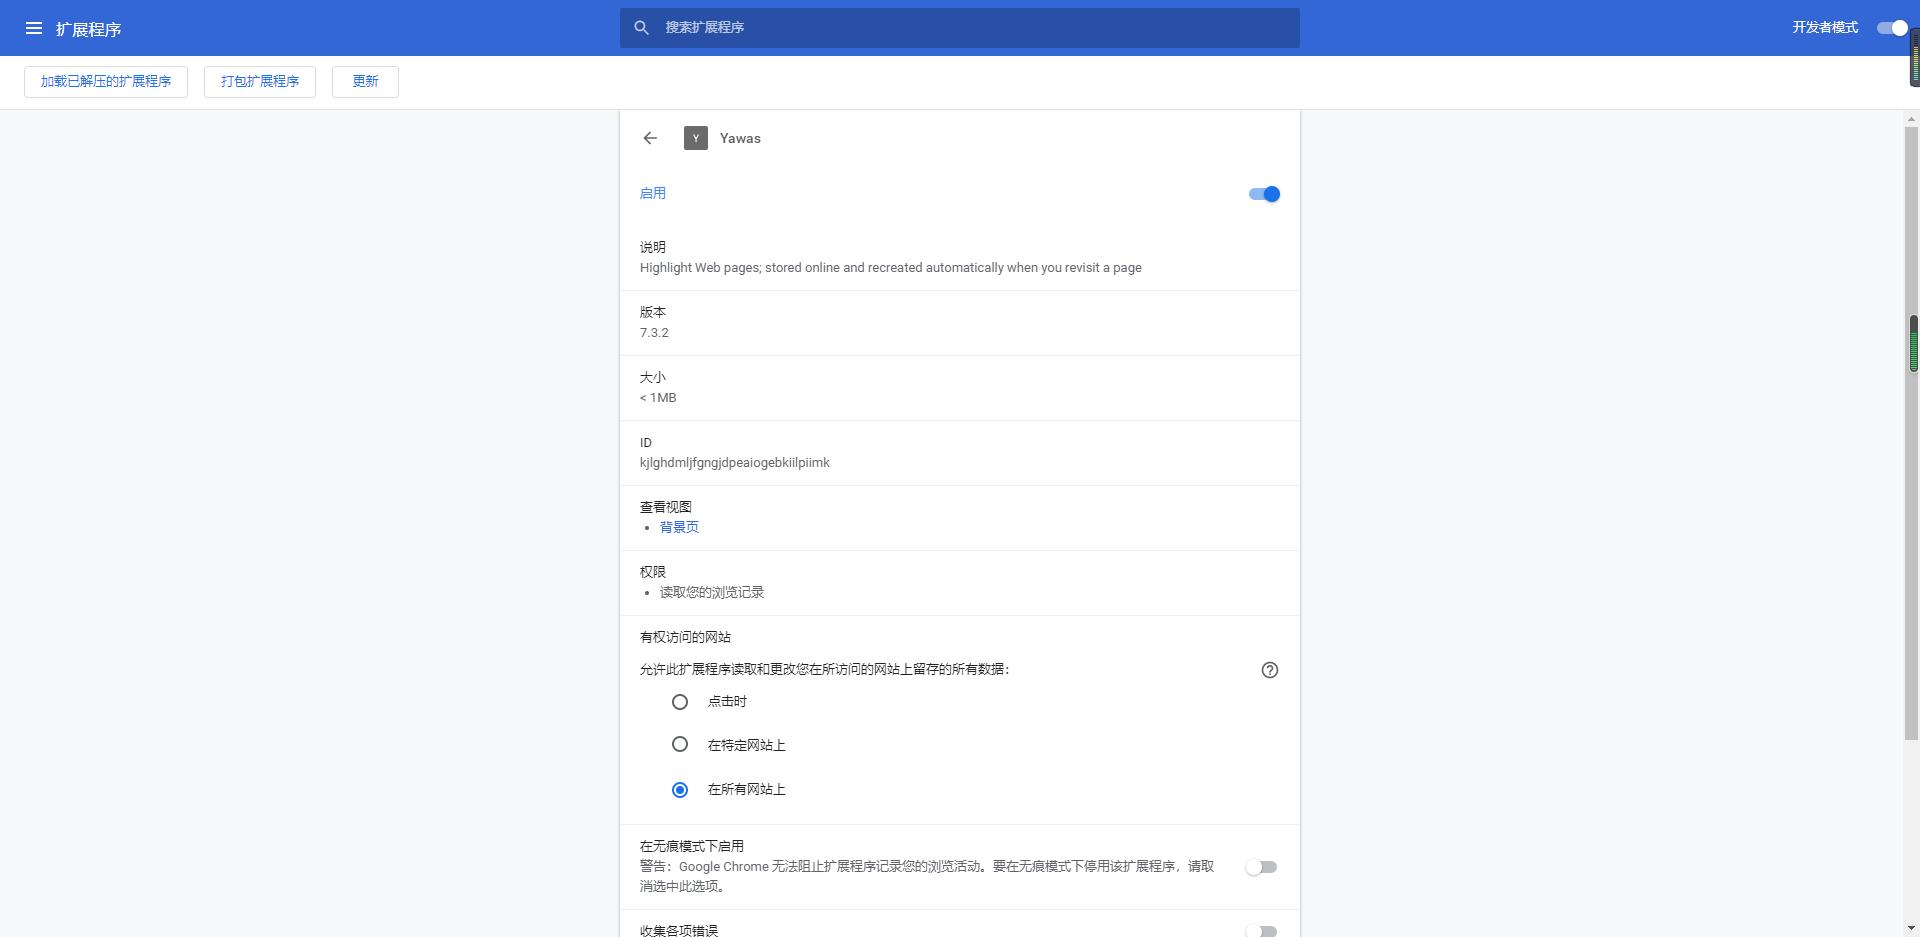 Yawas Chrome版 v7.3.2 最新版 0